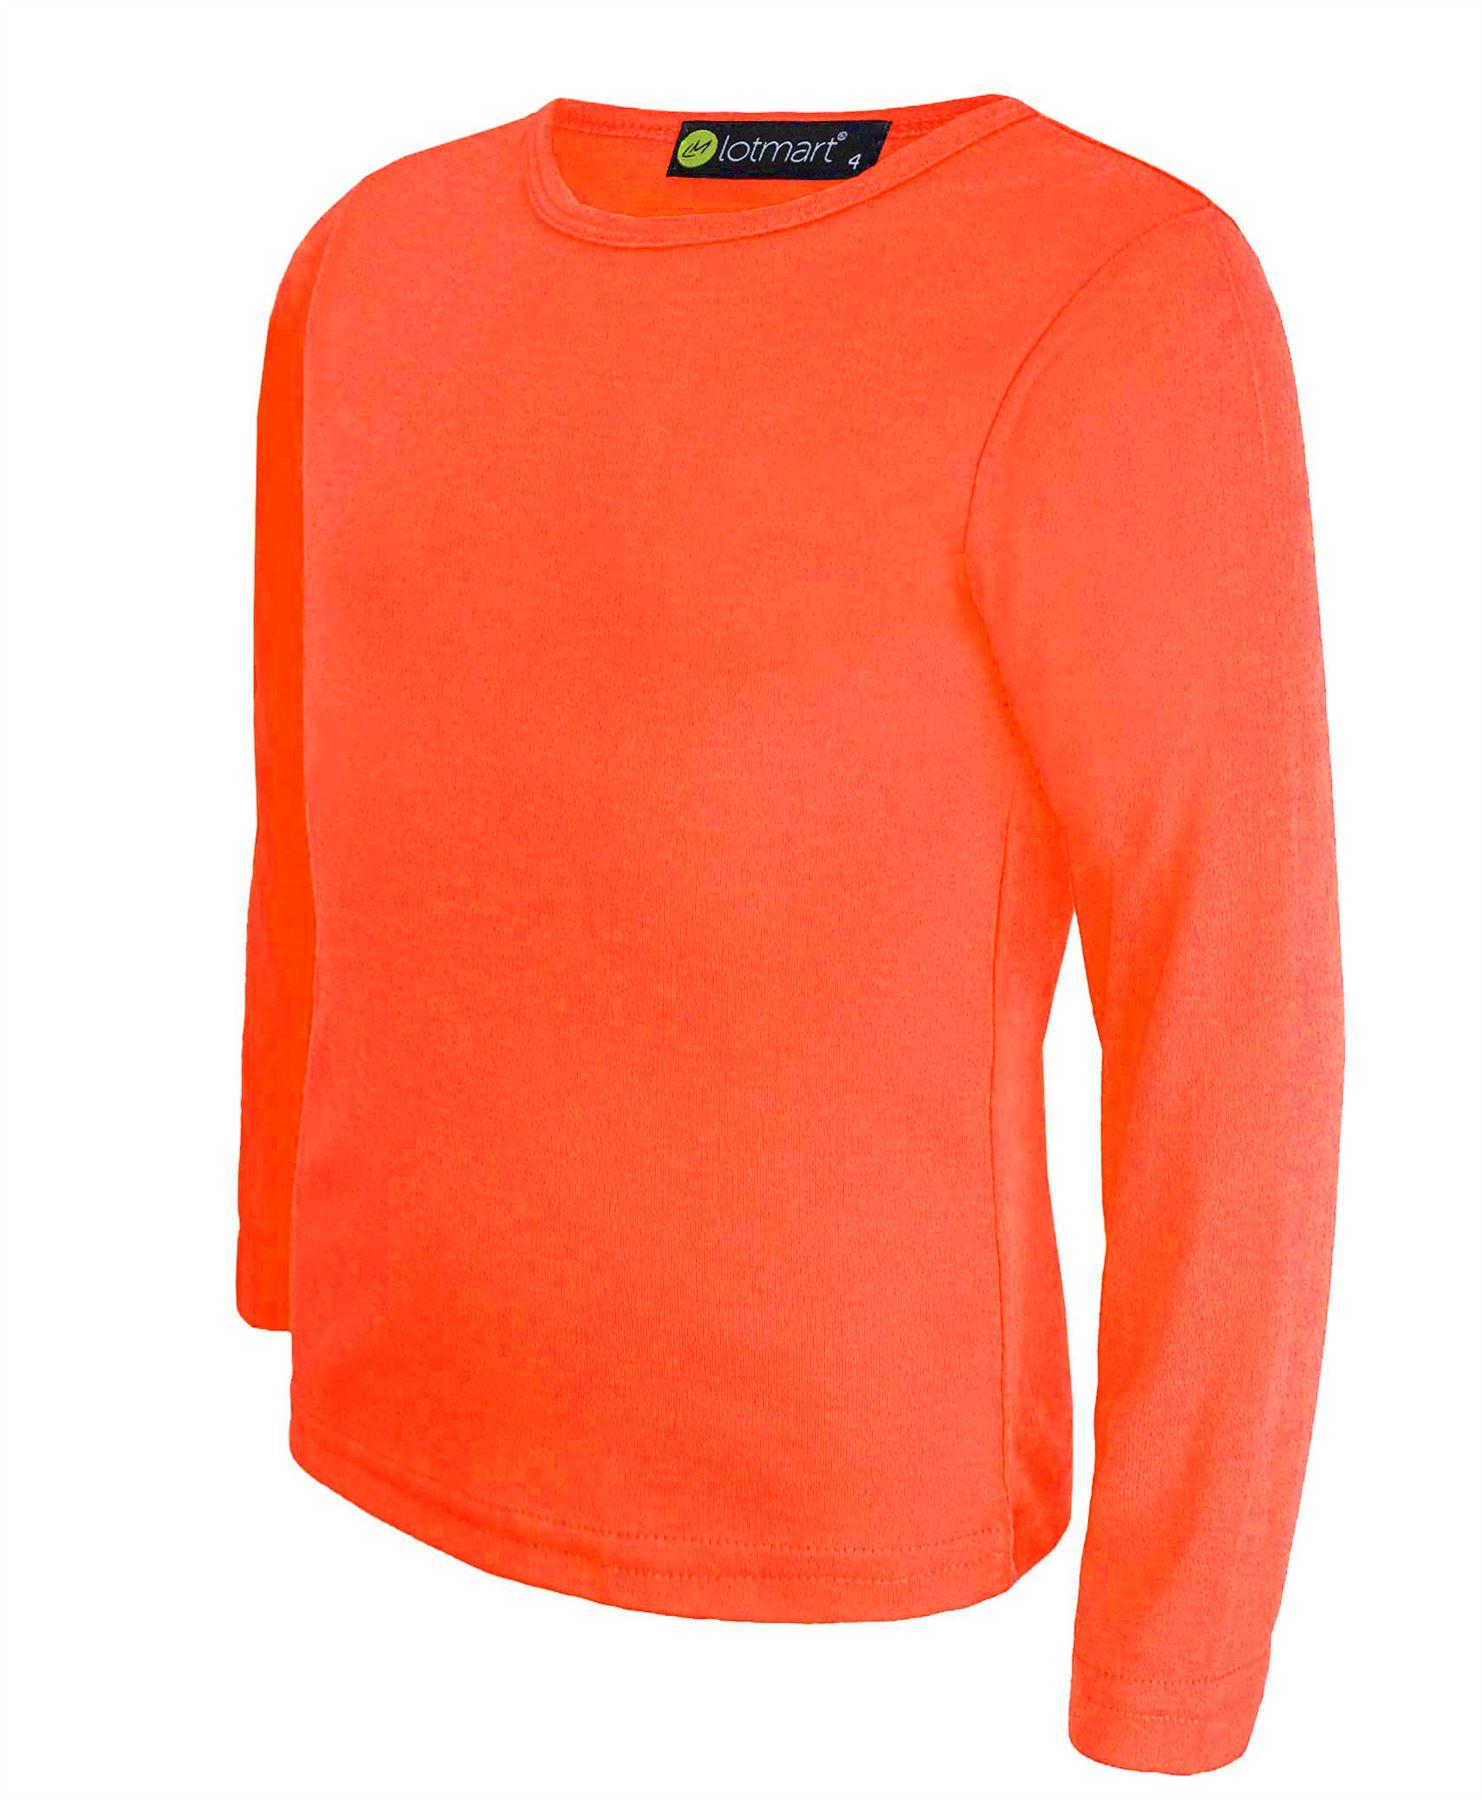 Kids basic top plain long sleeve boys girls t shirt tops for Plain yellow long sleeve t shirt